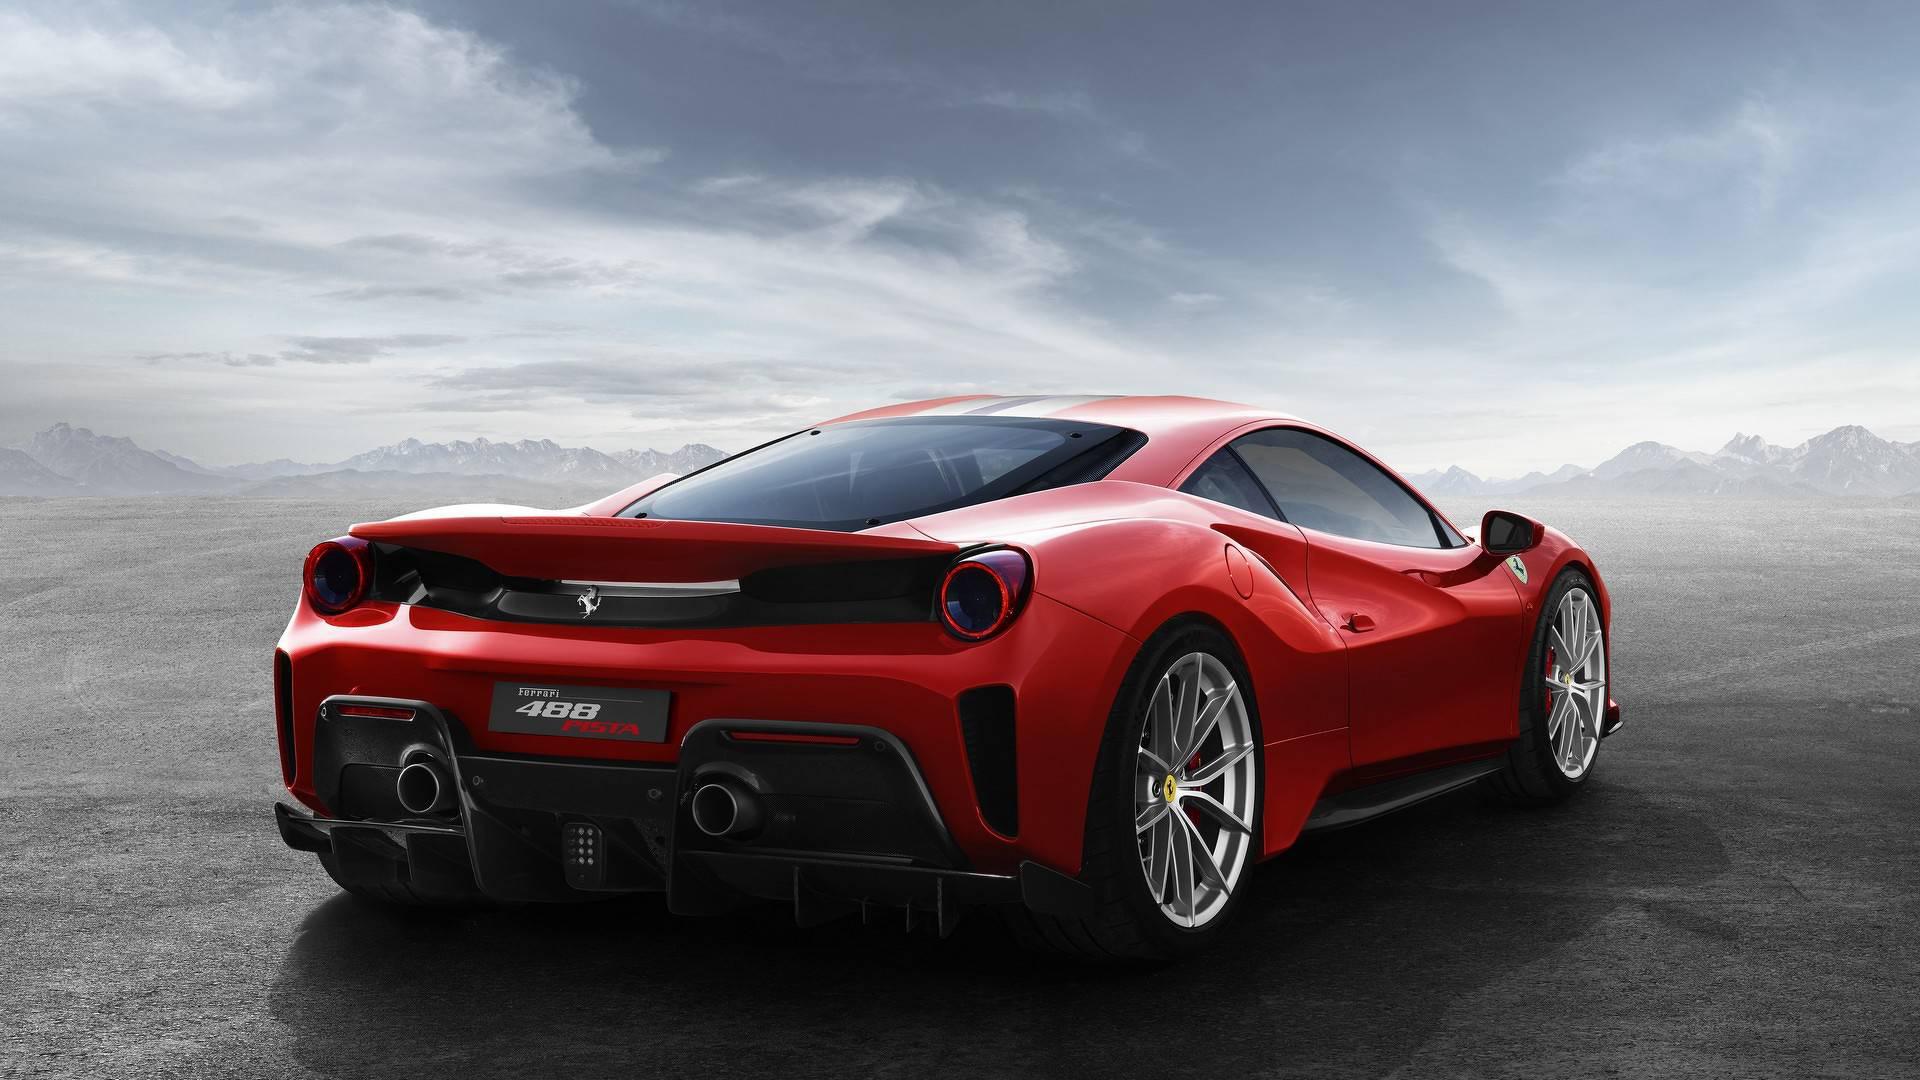 Es el deportivo con el motor V8 más salvaje en la historia de Ferrari: su potencia de 720 caballos de fuerza supera por 50 CV su versión base